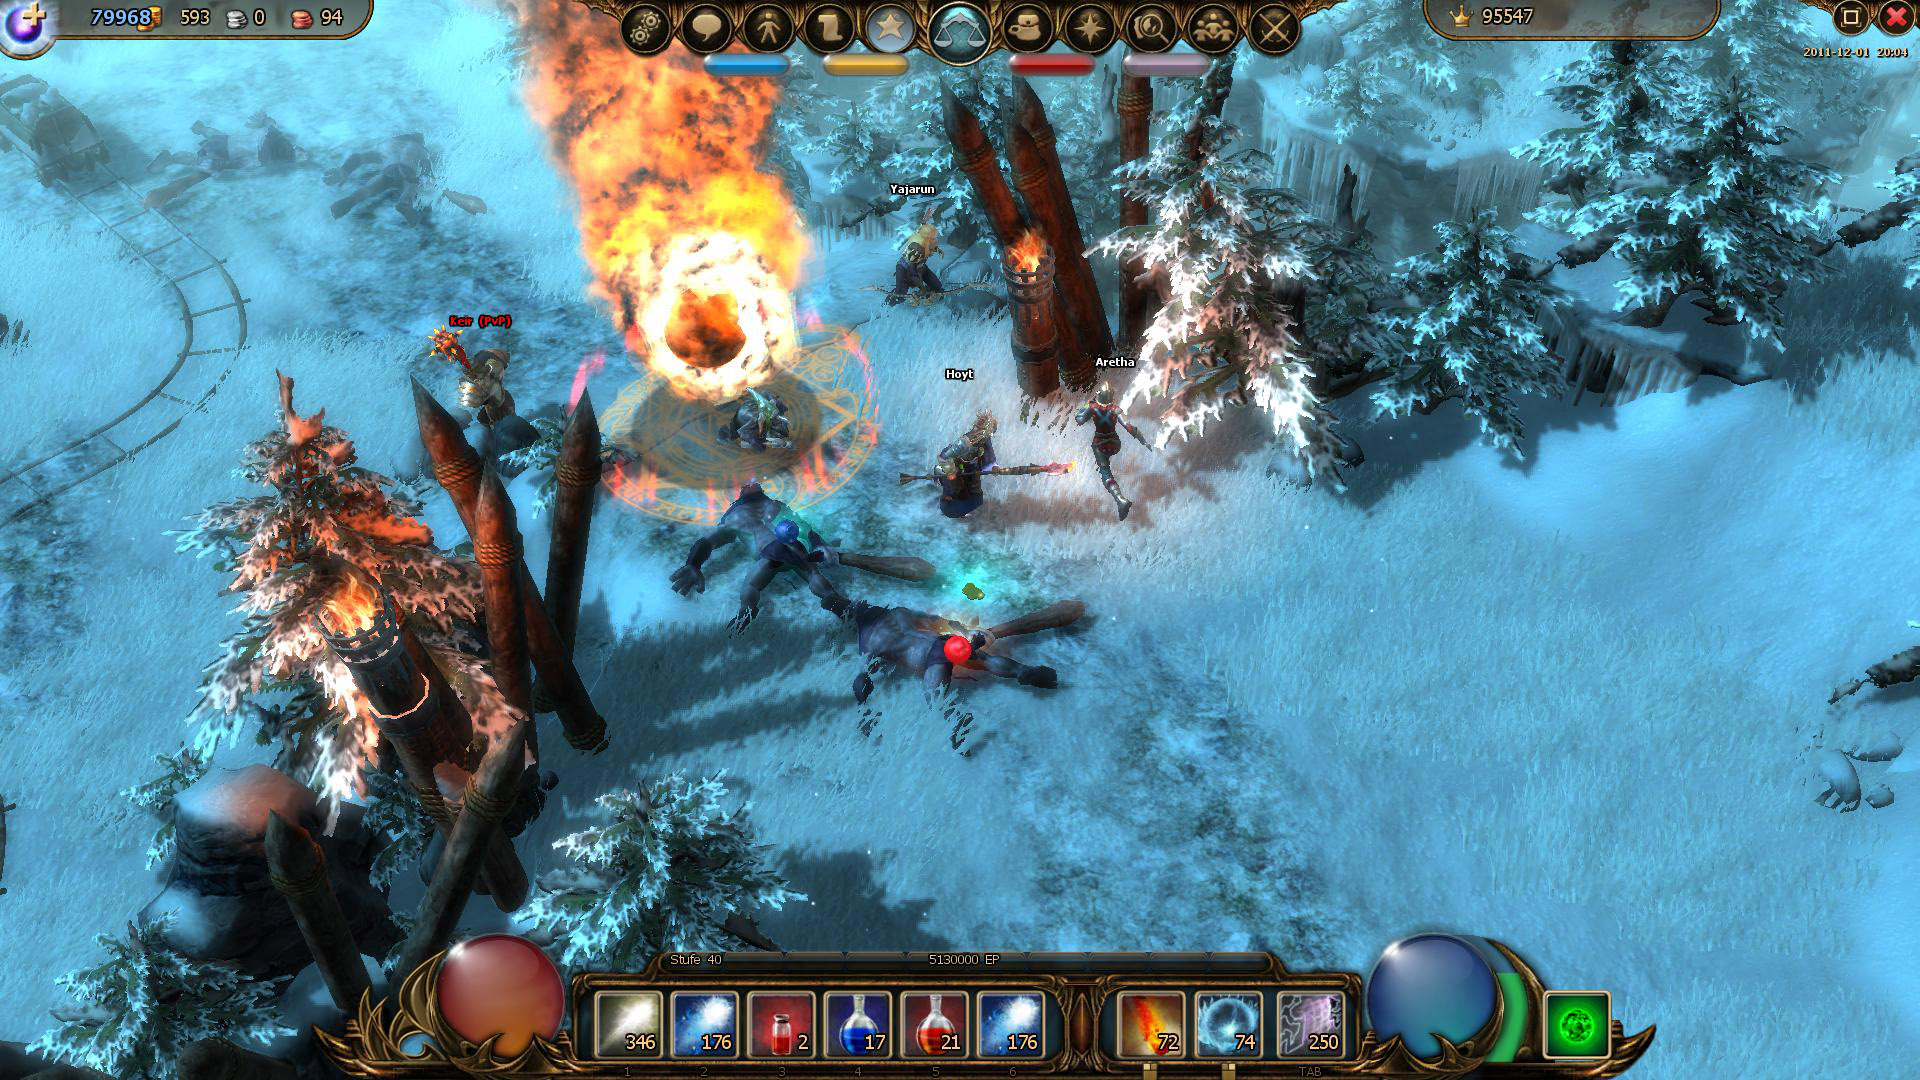 Drakensang Online - Данная игра является первой бесплатной онлайн